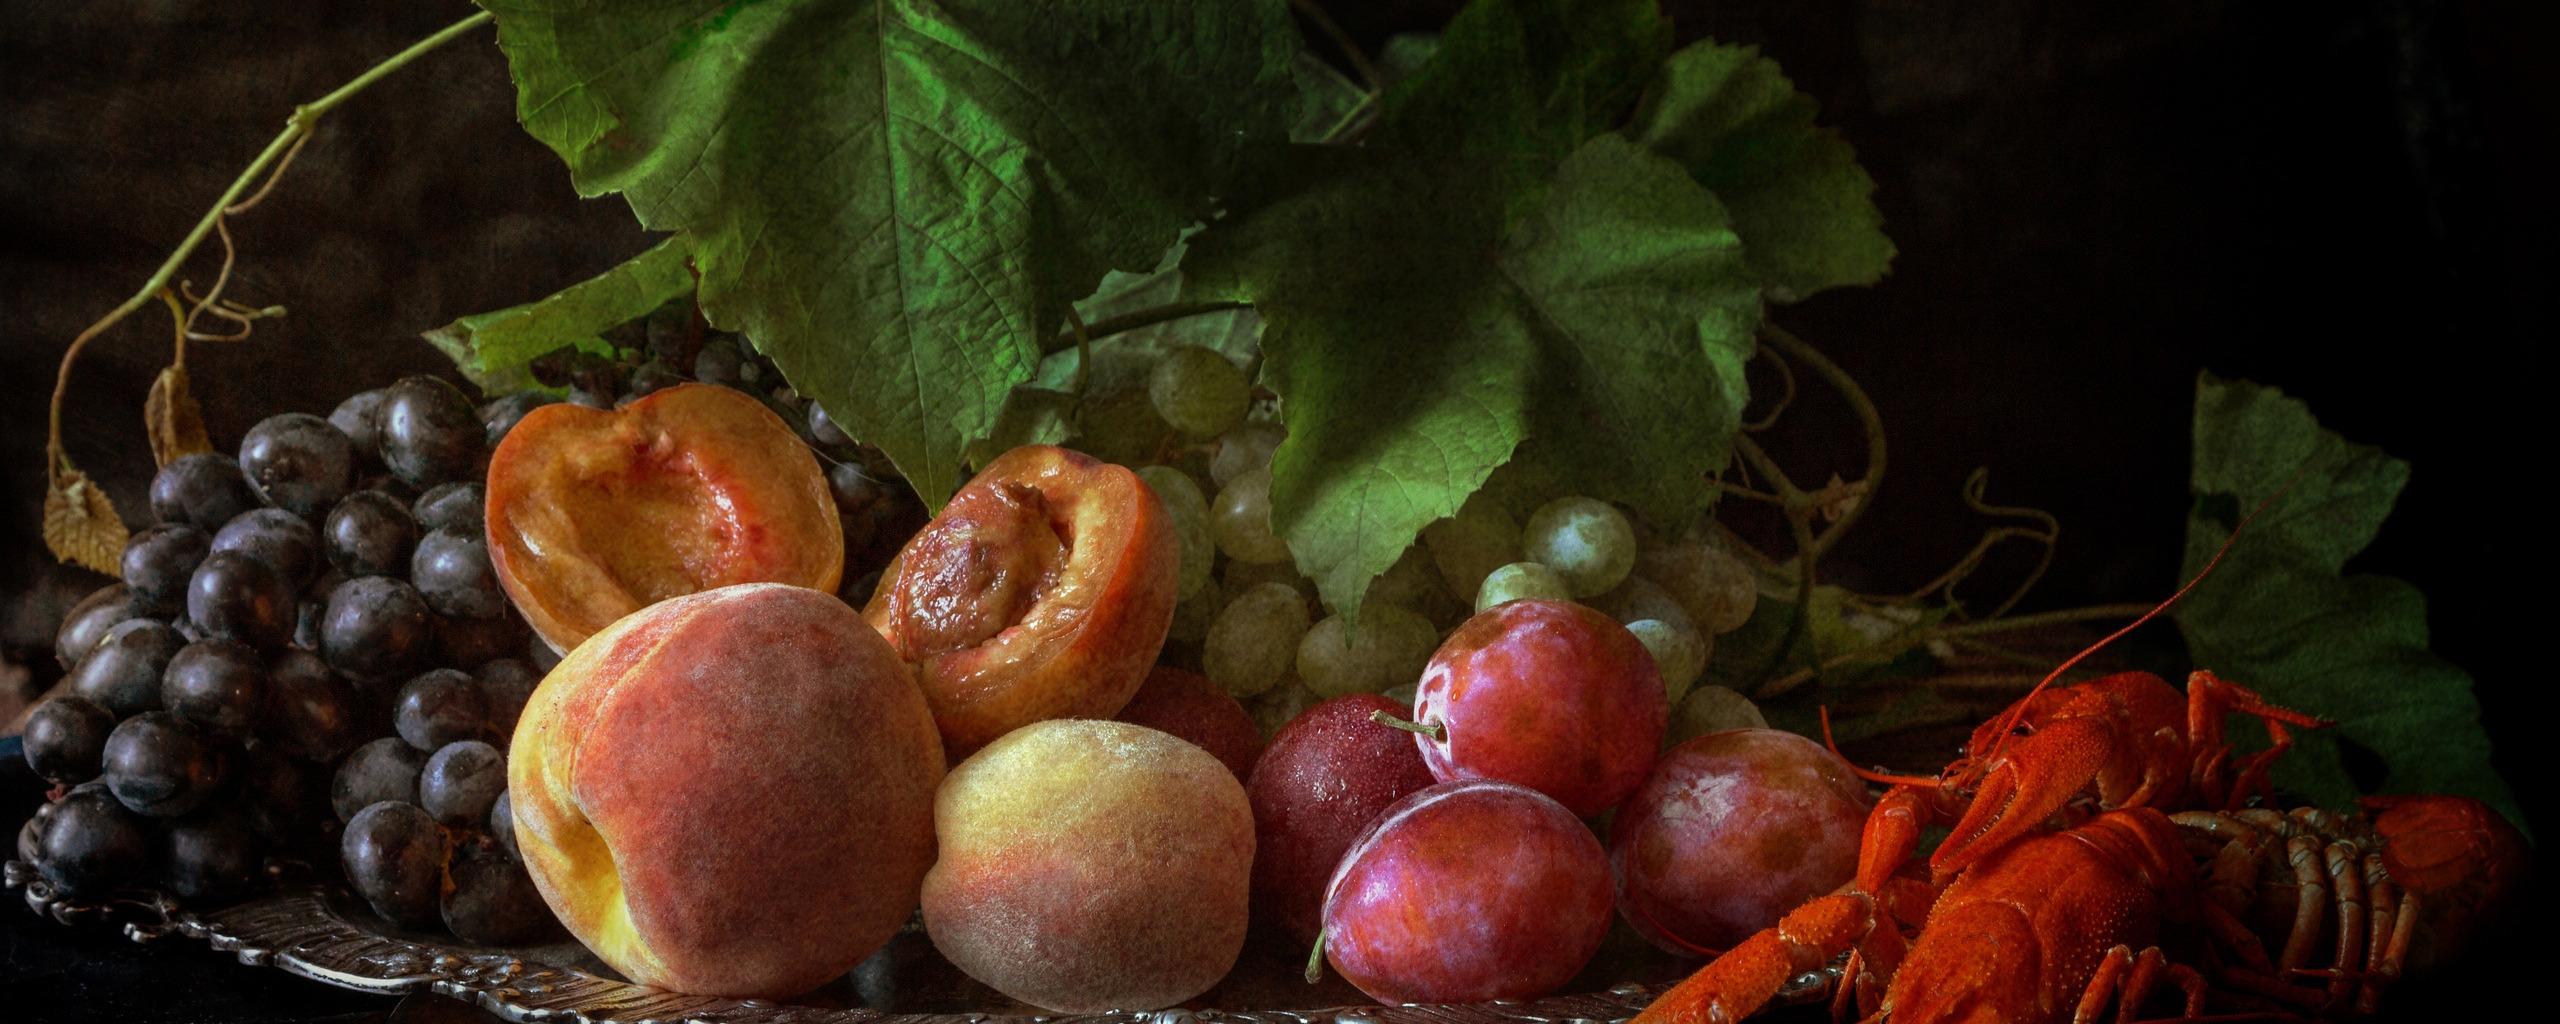 красивые картинки персики и виноград сетку нужно демонтировать